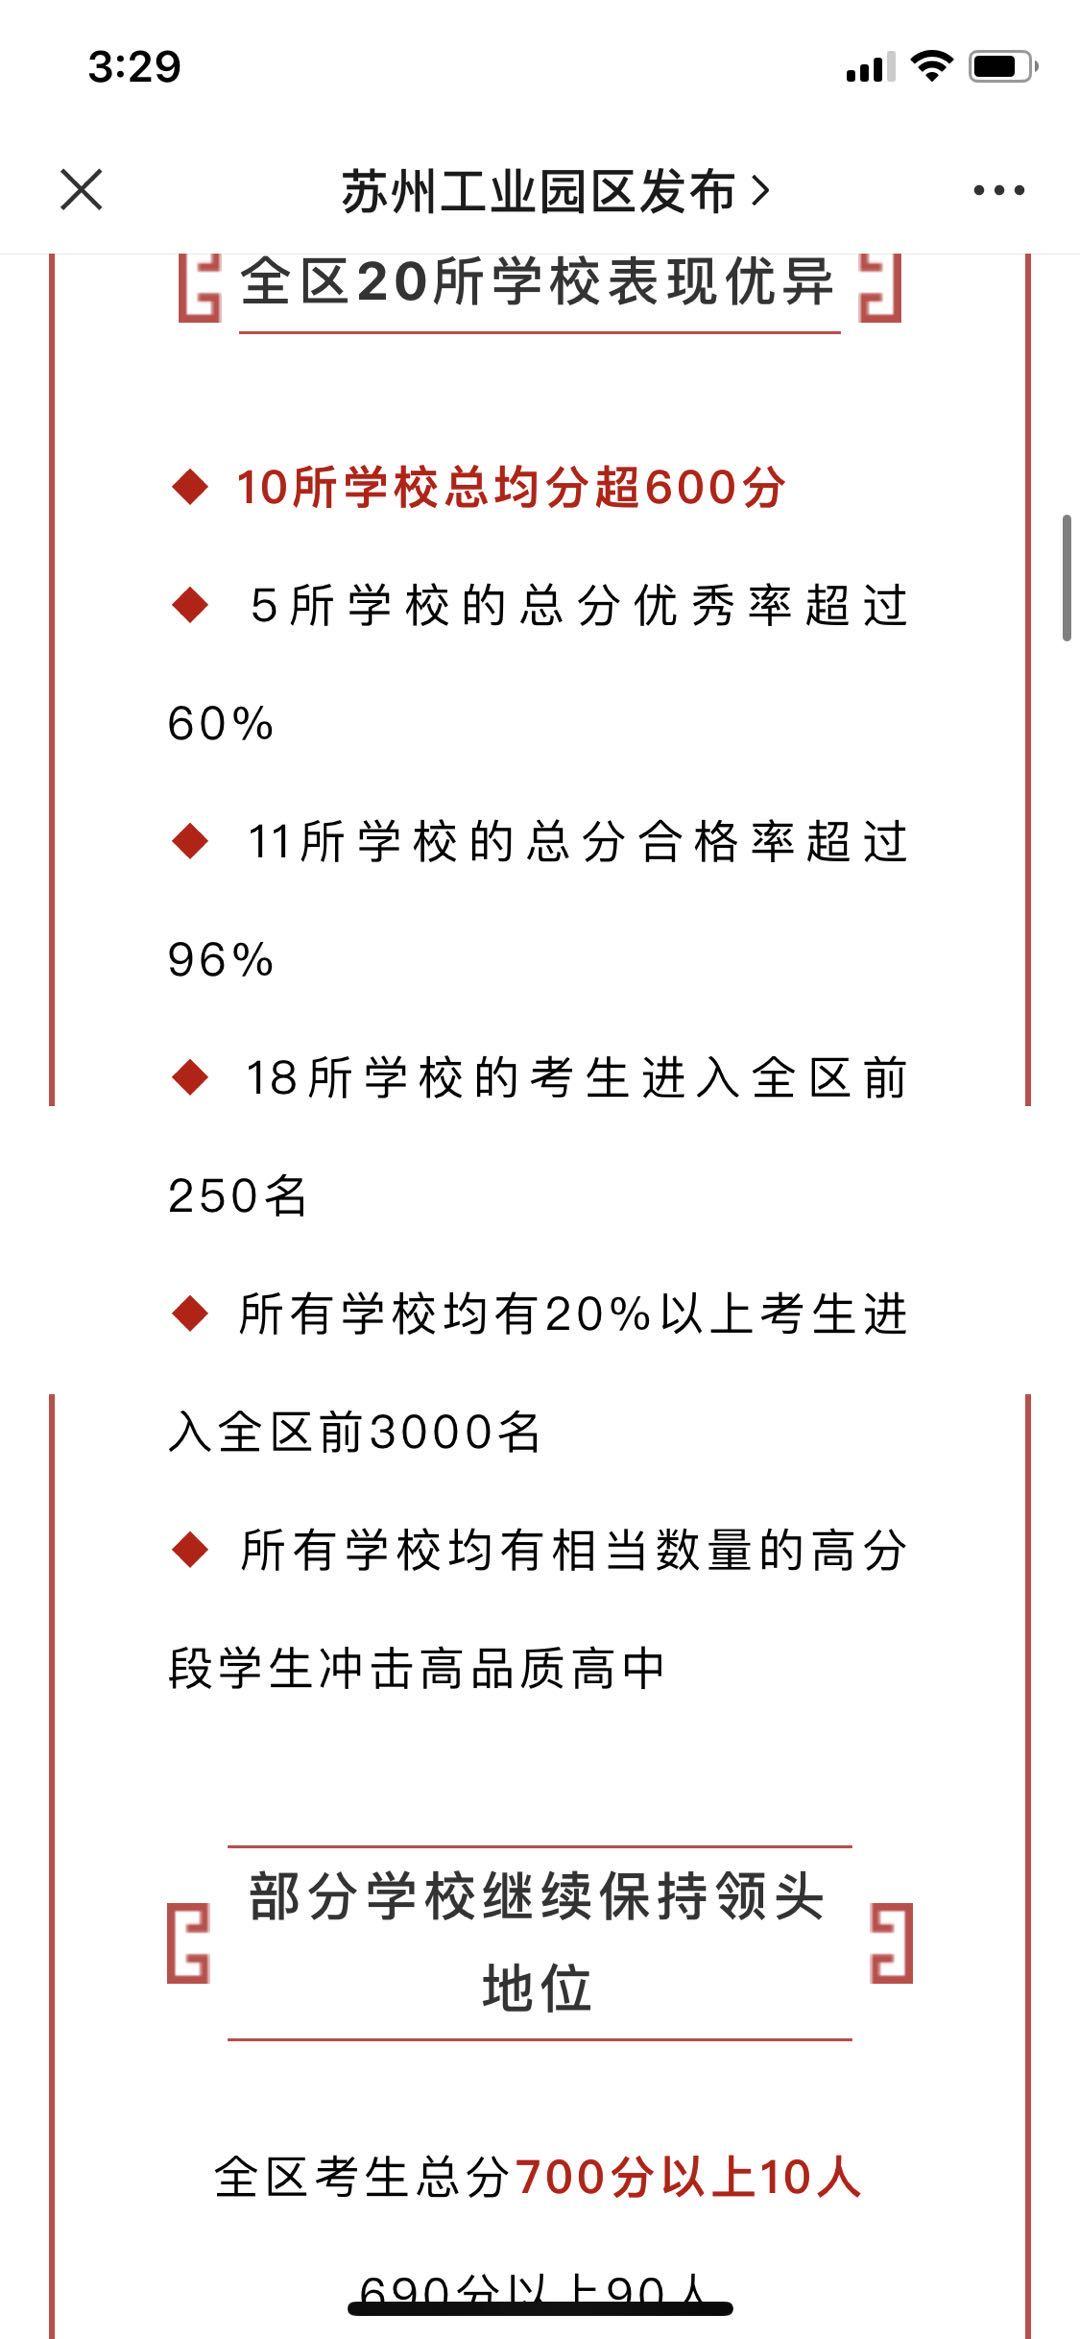 yuanquxibao.jpg